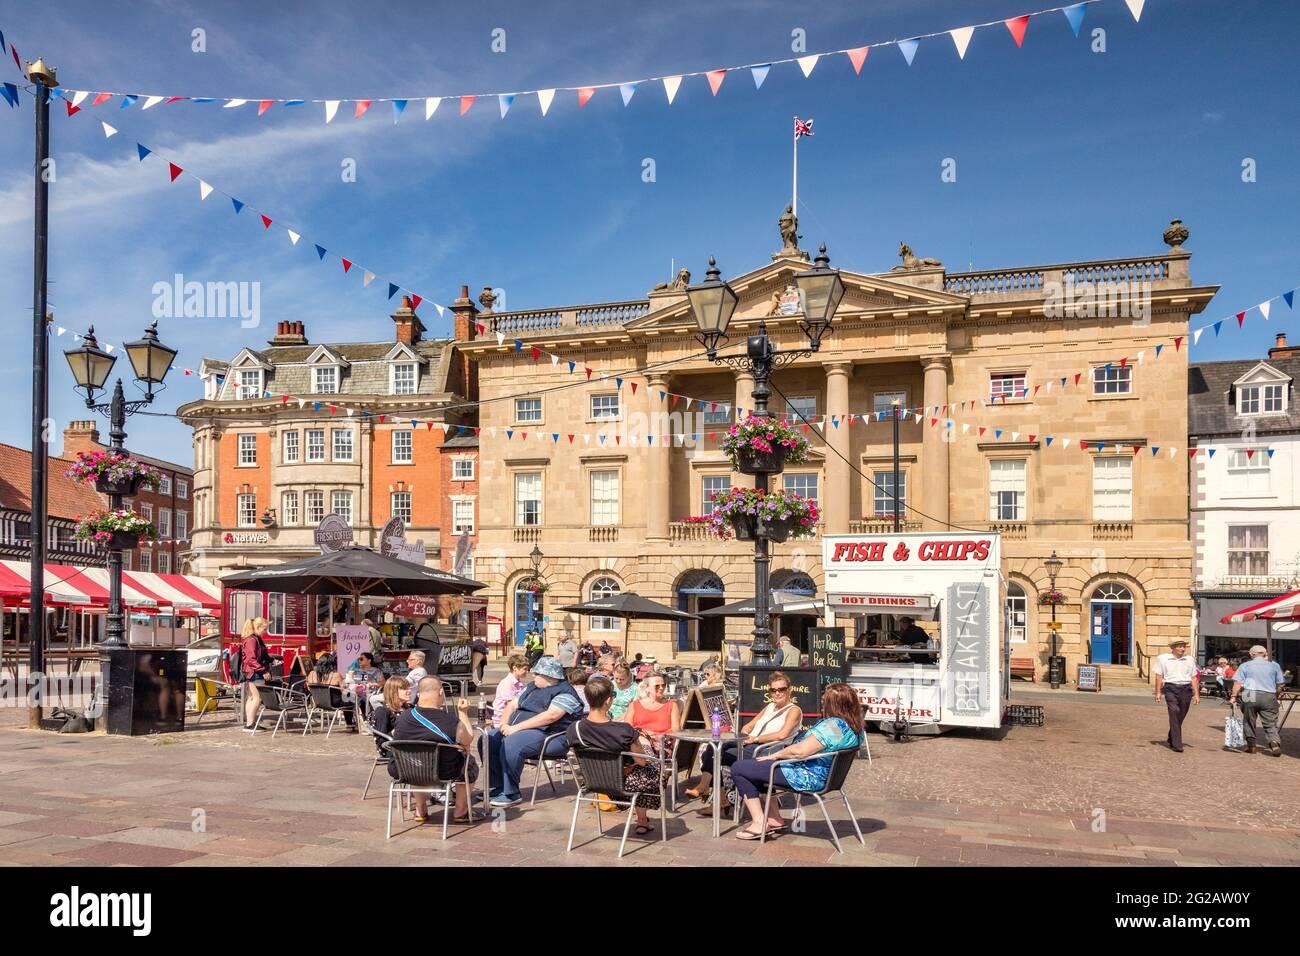 4 de julio de 2019: Newark on Trent, Nottinghamshire, Reino Unido - Gente bebiendo café en un café en la histórica plaza del mercado, con el Ayuntamiento detrás. Foto de stock